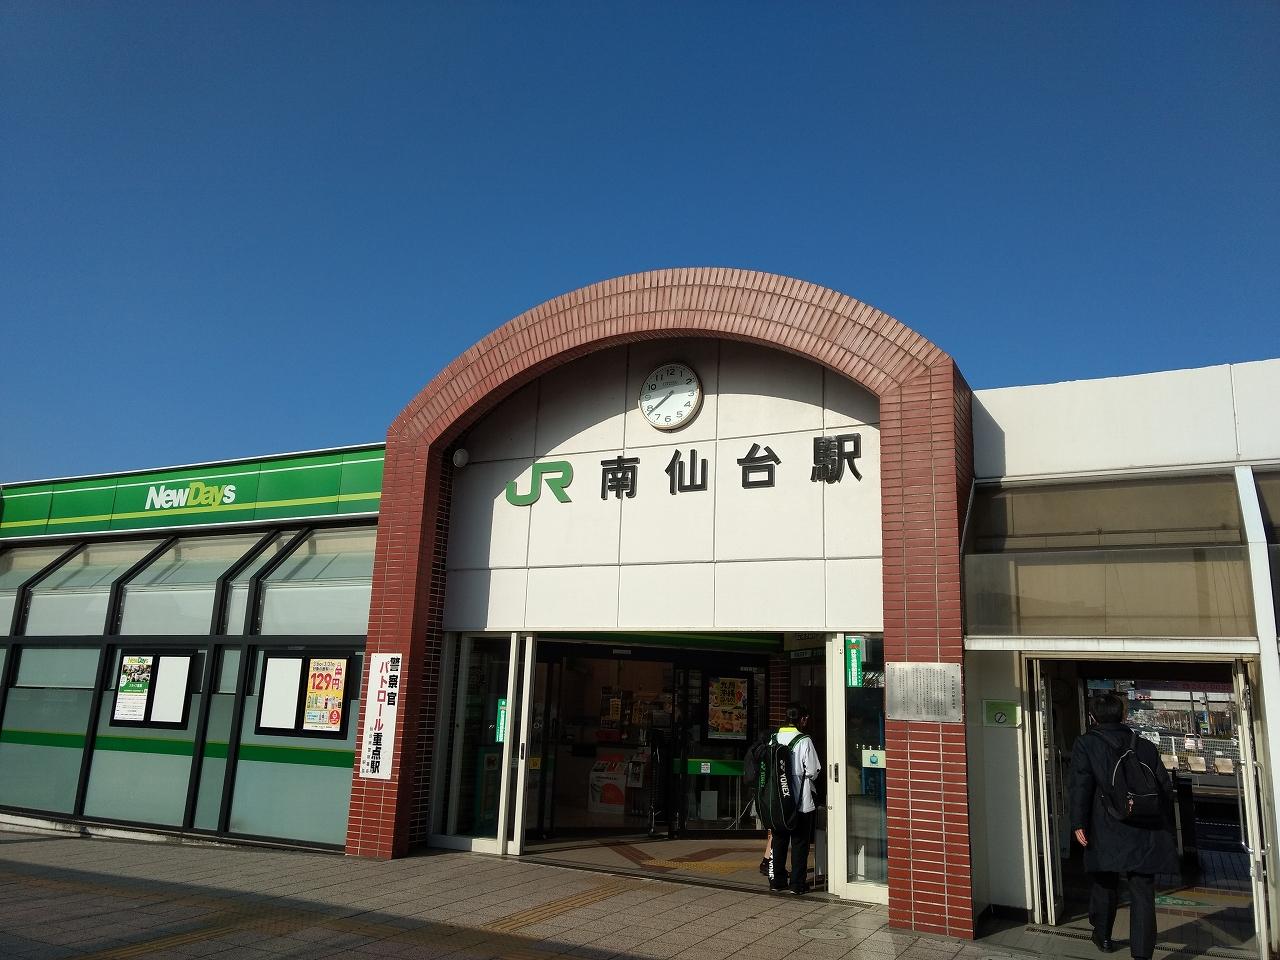 JR南仙台駅へは一本道。 自転車で10分か徒歩30分